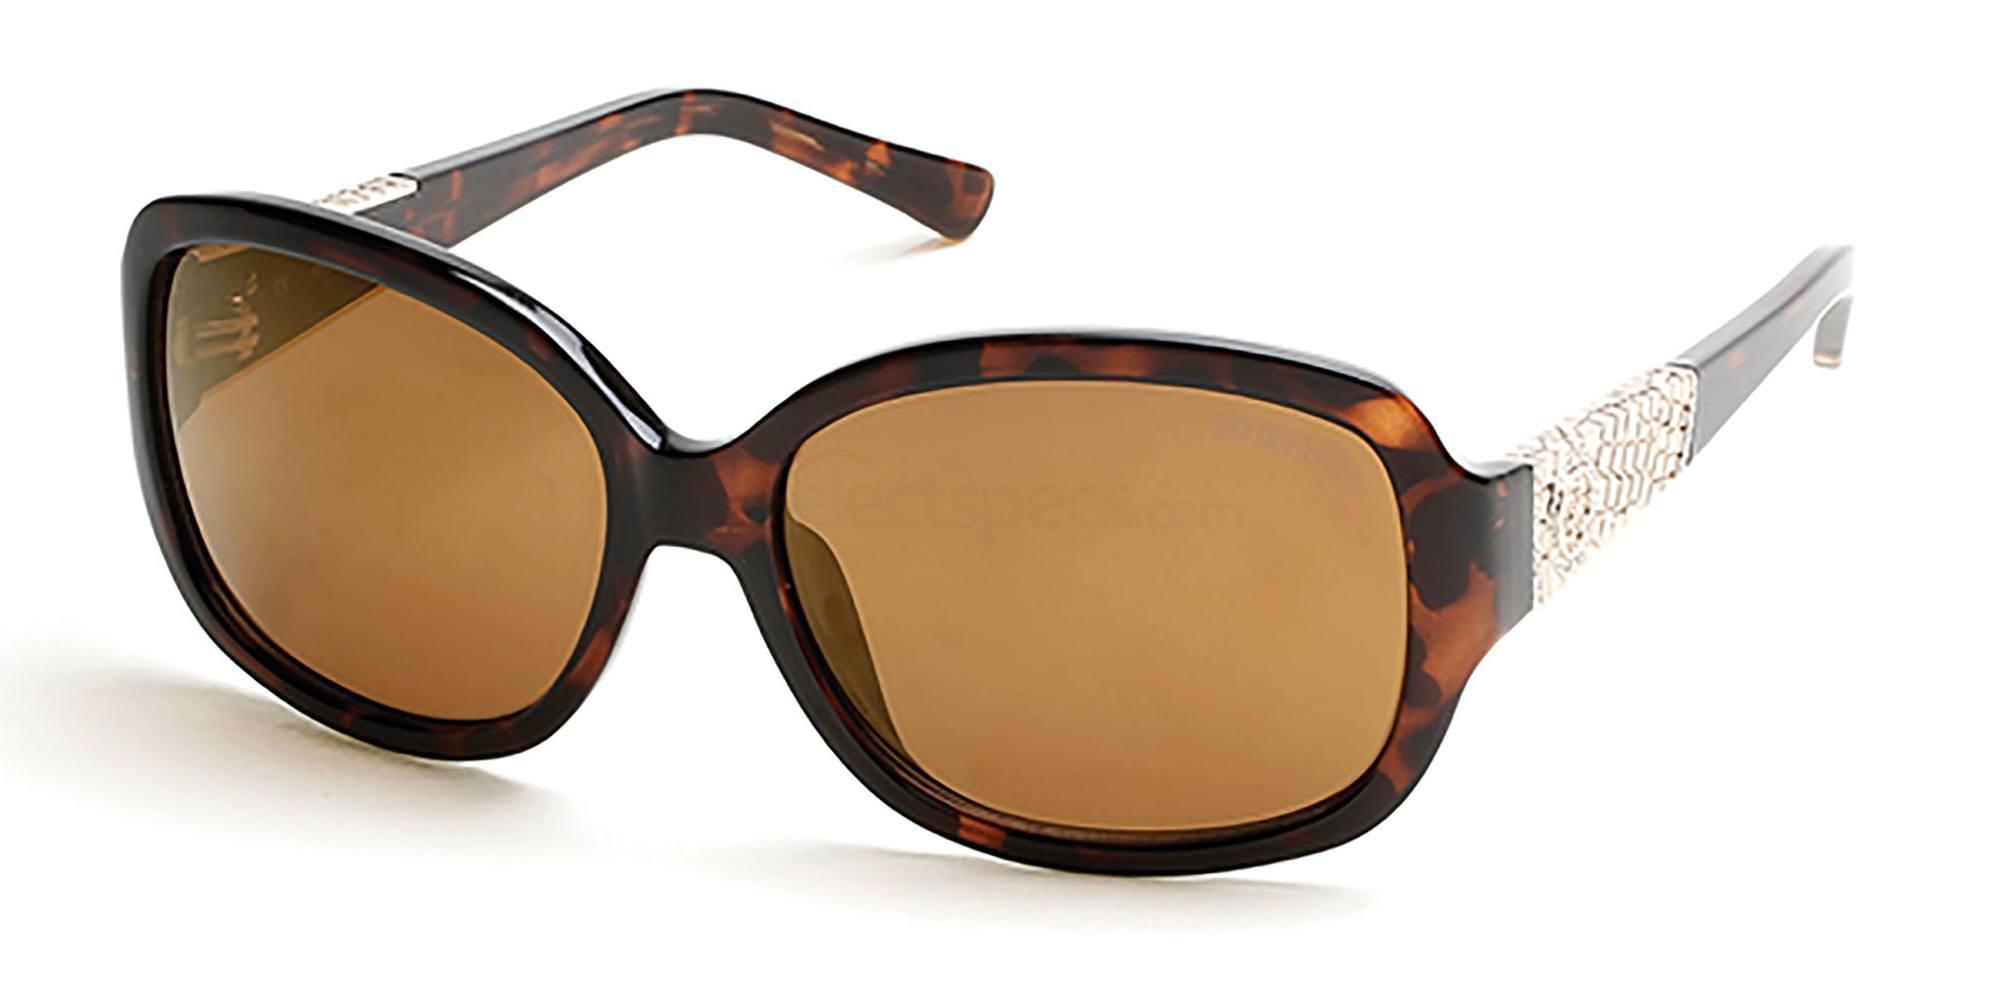 52F GU7418 Sunglasses, Guess